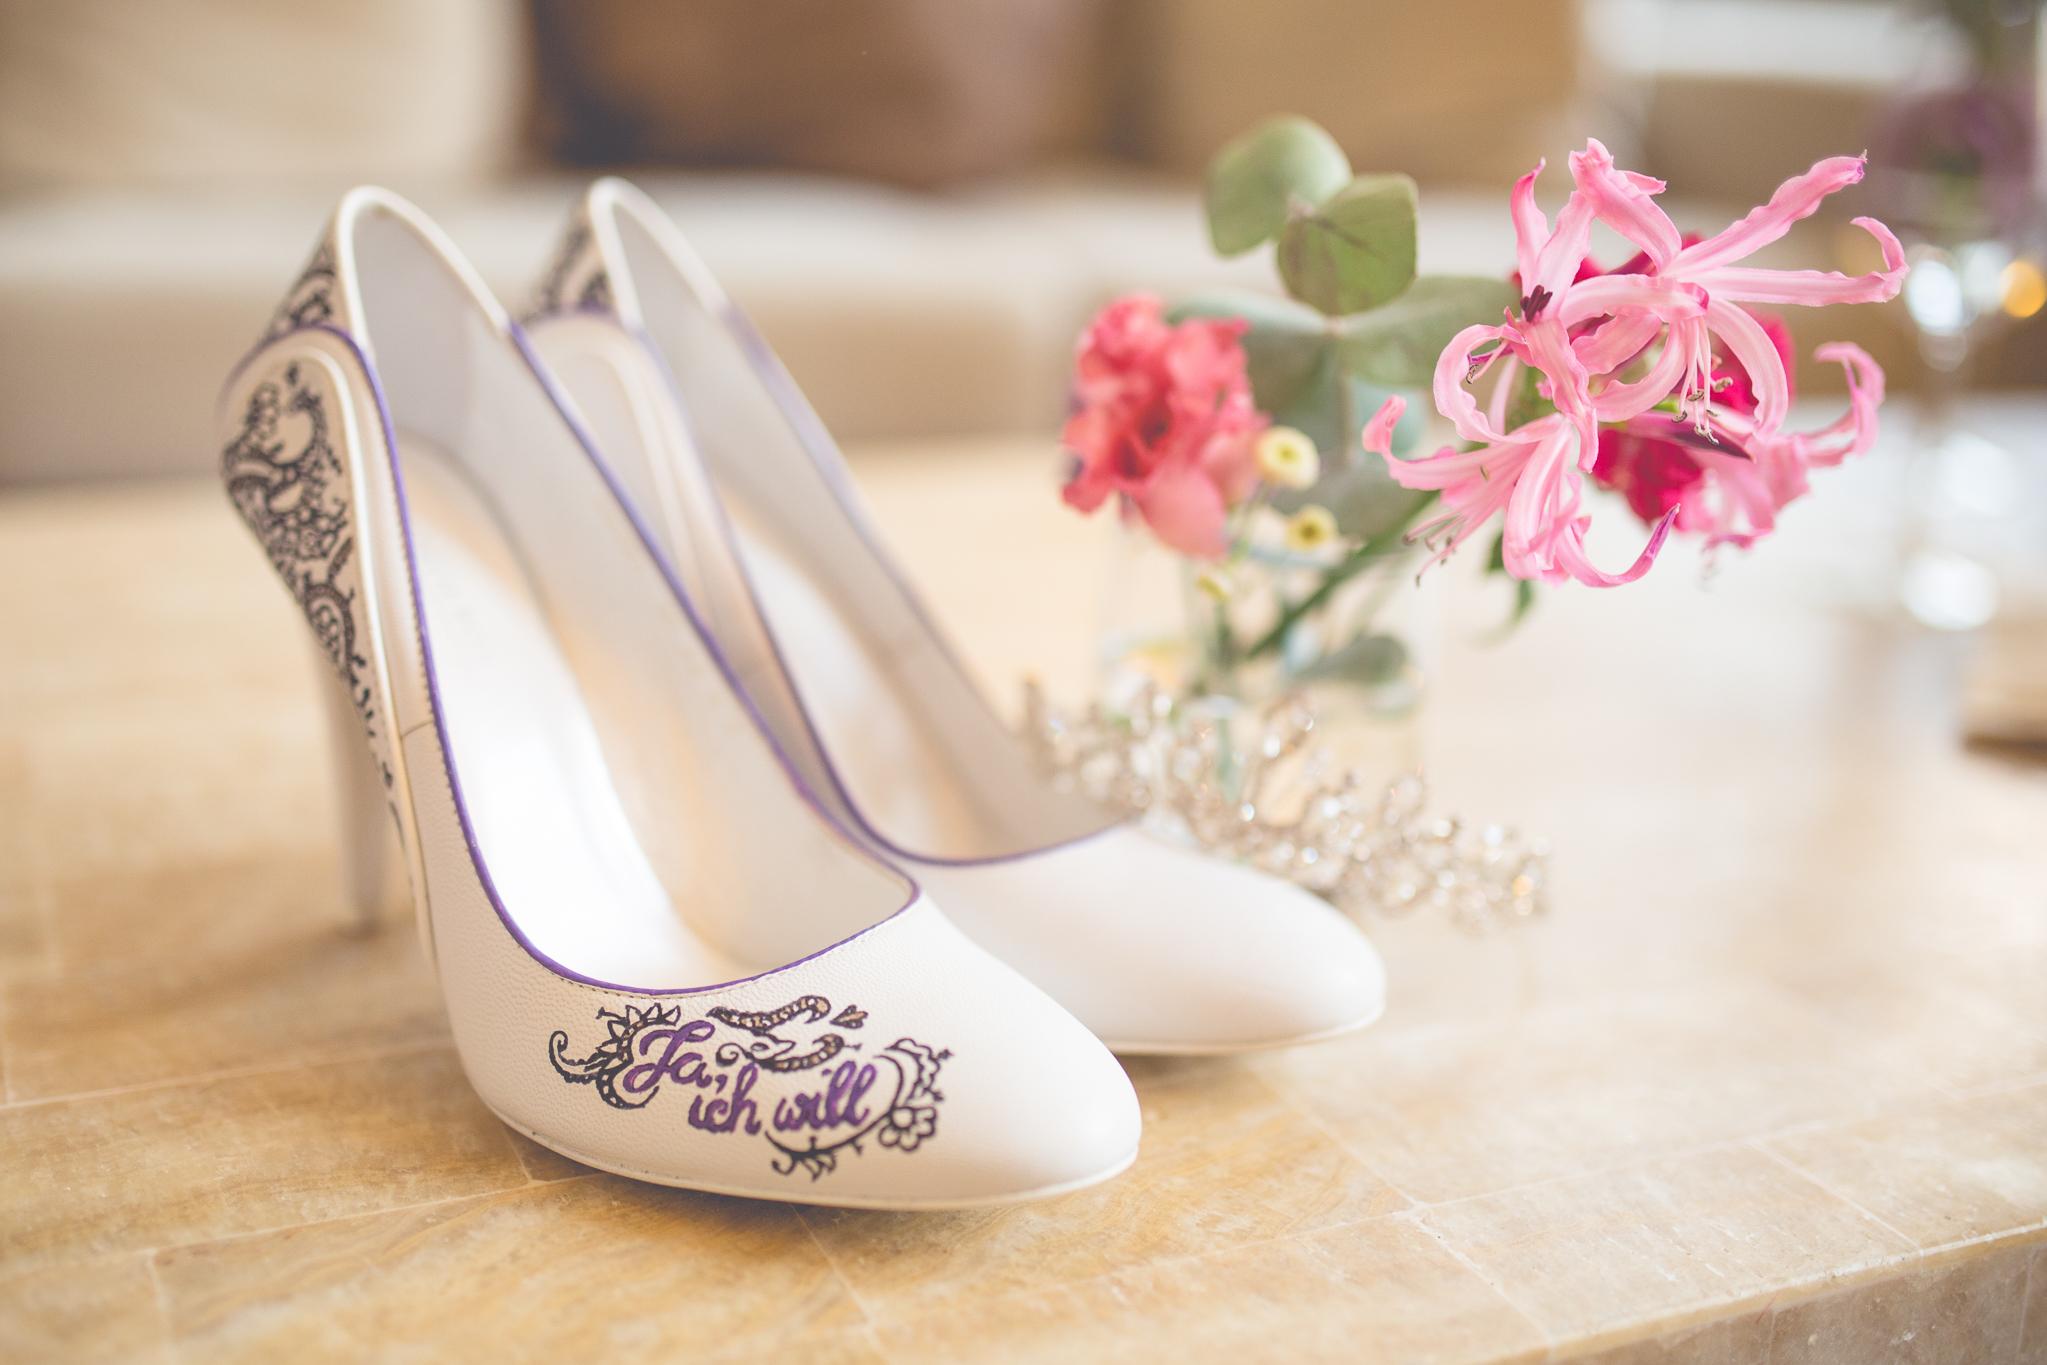 Hochzeitsfloristik Hohe Schuhe (Hochzeit) mit der Aufschrift Ja ich will mit rosa Blumen